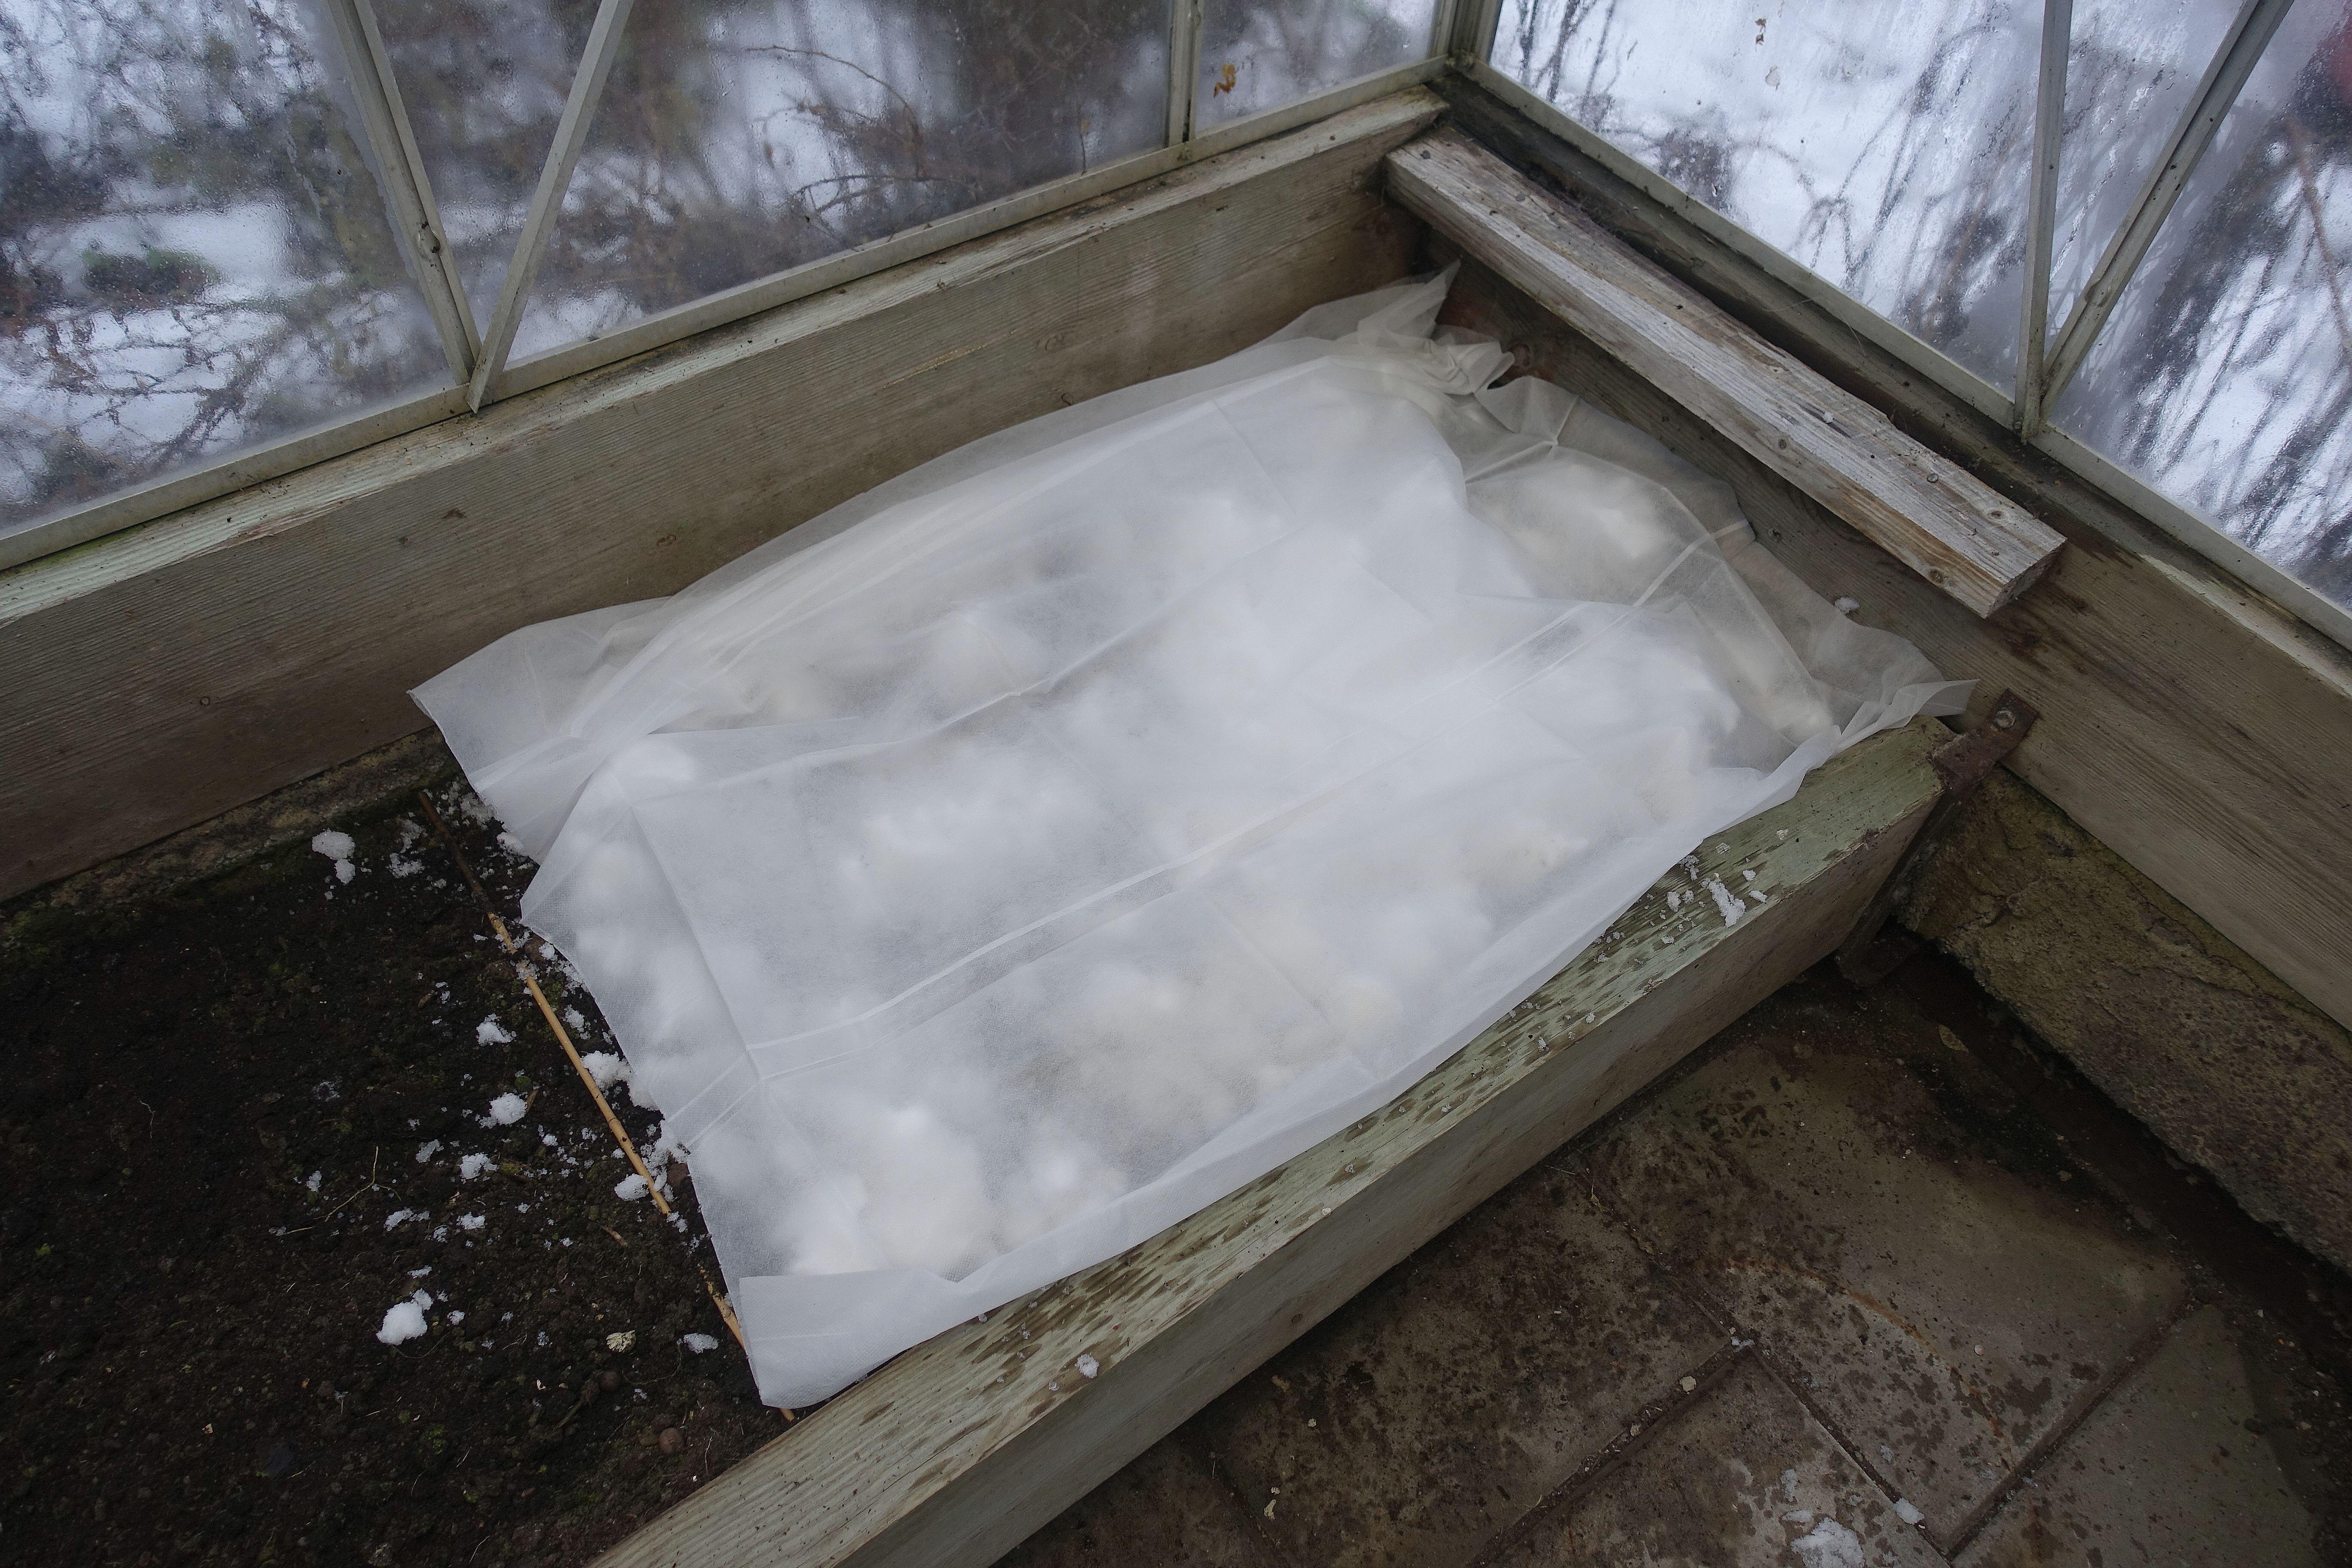 Bädd i växthus med snö och fiberduk på.